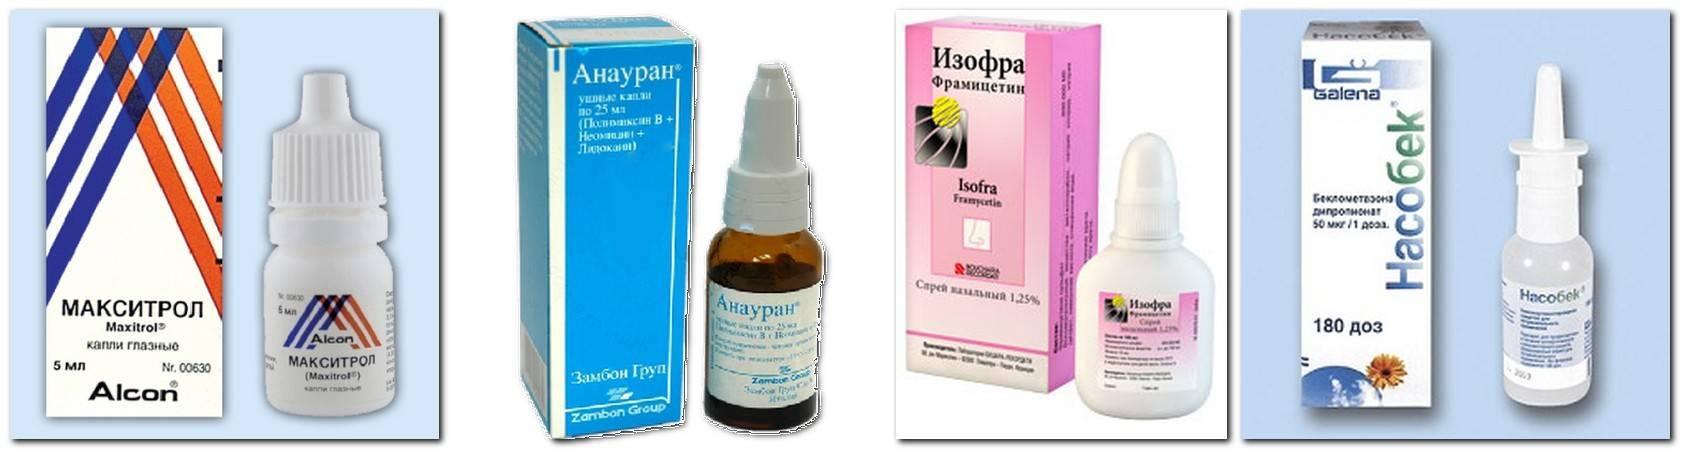 Капли в нос с антибиотиком, названия детских спреев от насморка для детей